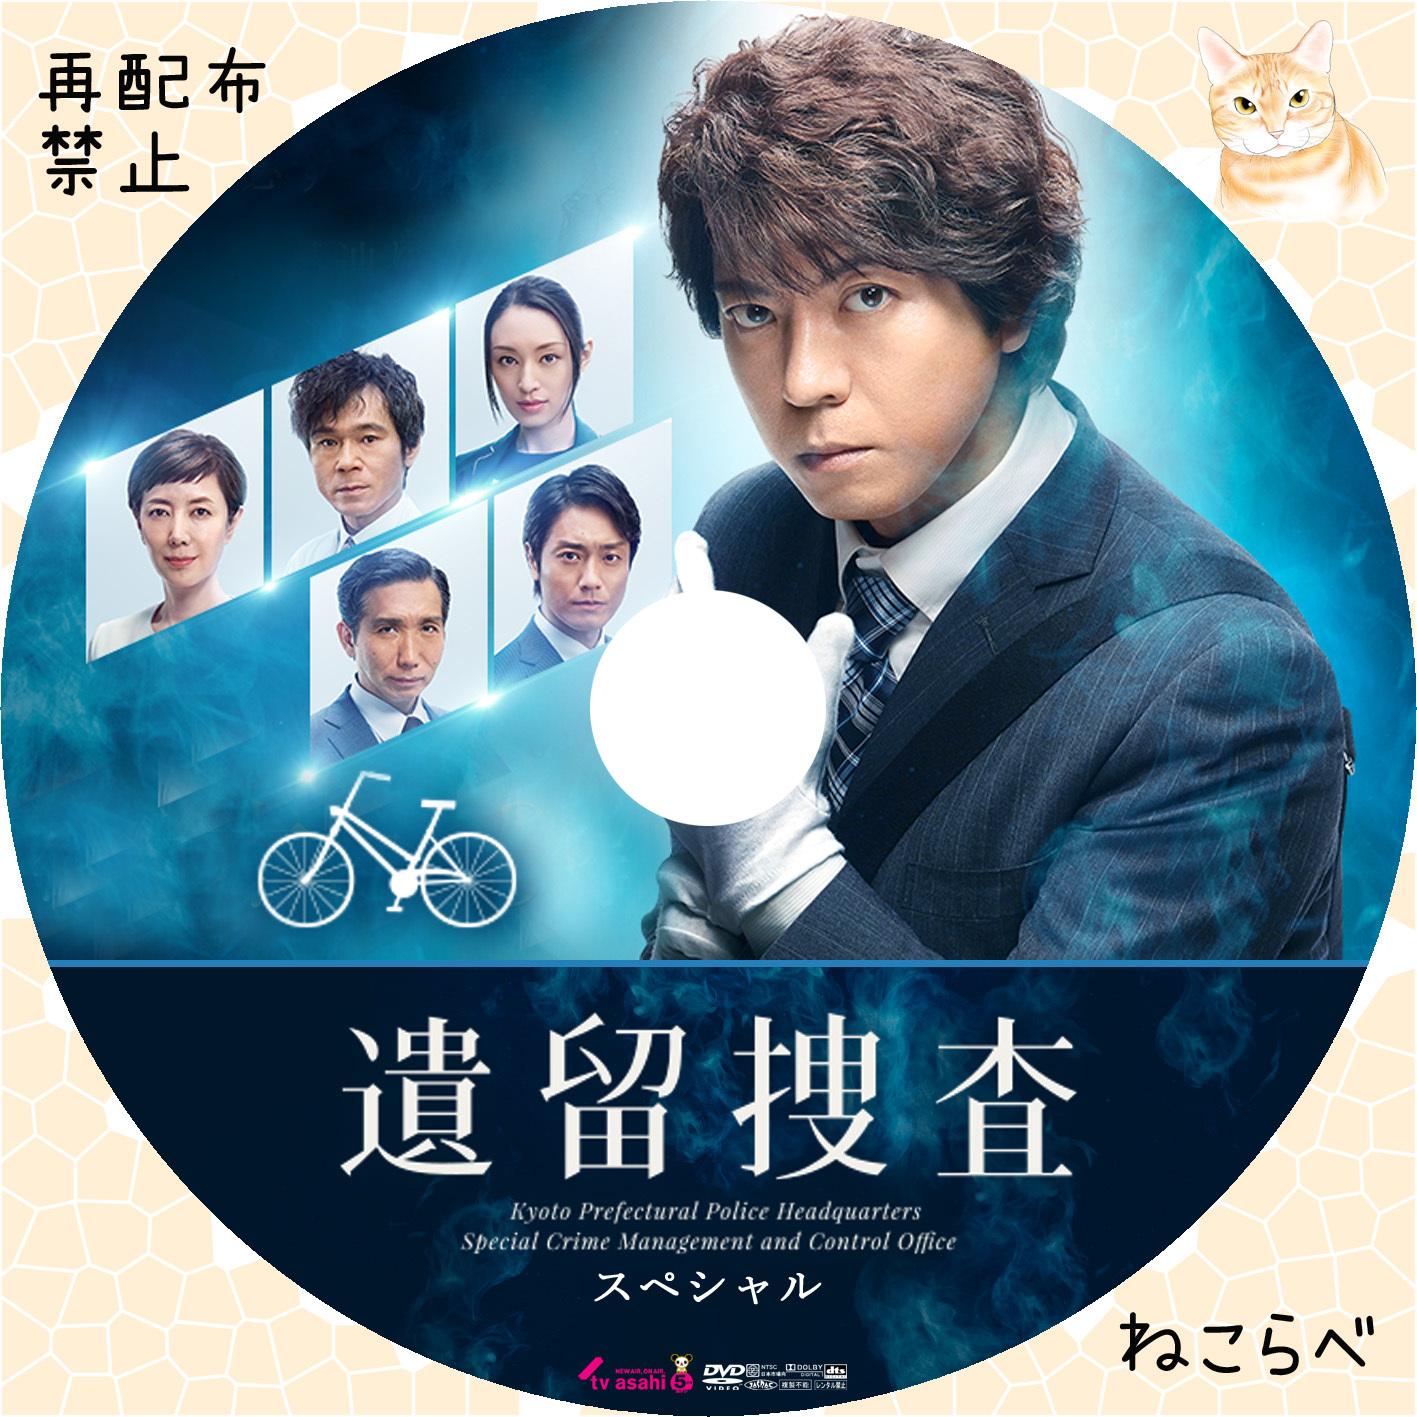 遺留捜査 - へたっぴな自作DVDラベル&ジャケット